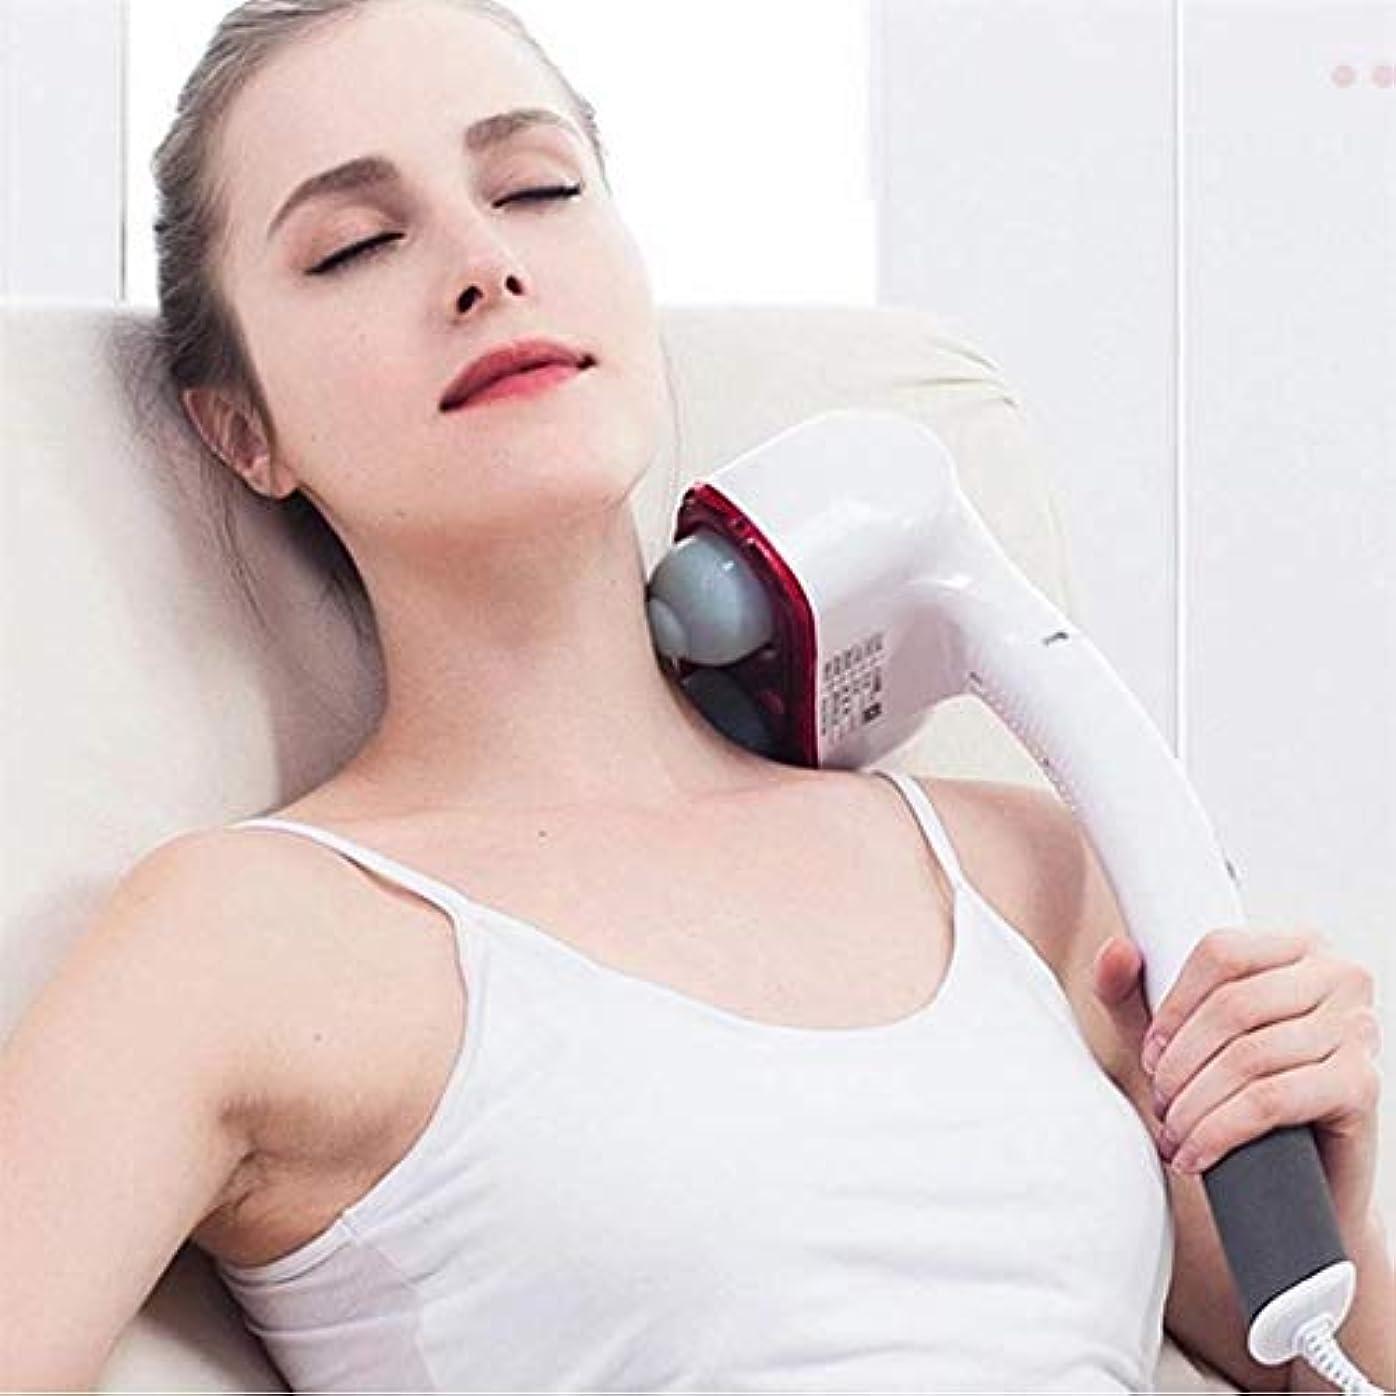 とげスカート性能電気マッサージャー、ハンドヘルドバックマッサージャー、ポータブルネック振動マッサージャー、ストレス/痛みを和らげる、血液循環/睡眠を促進する